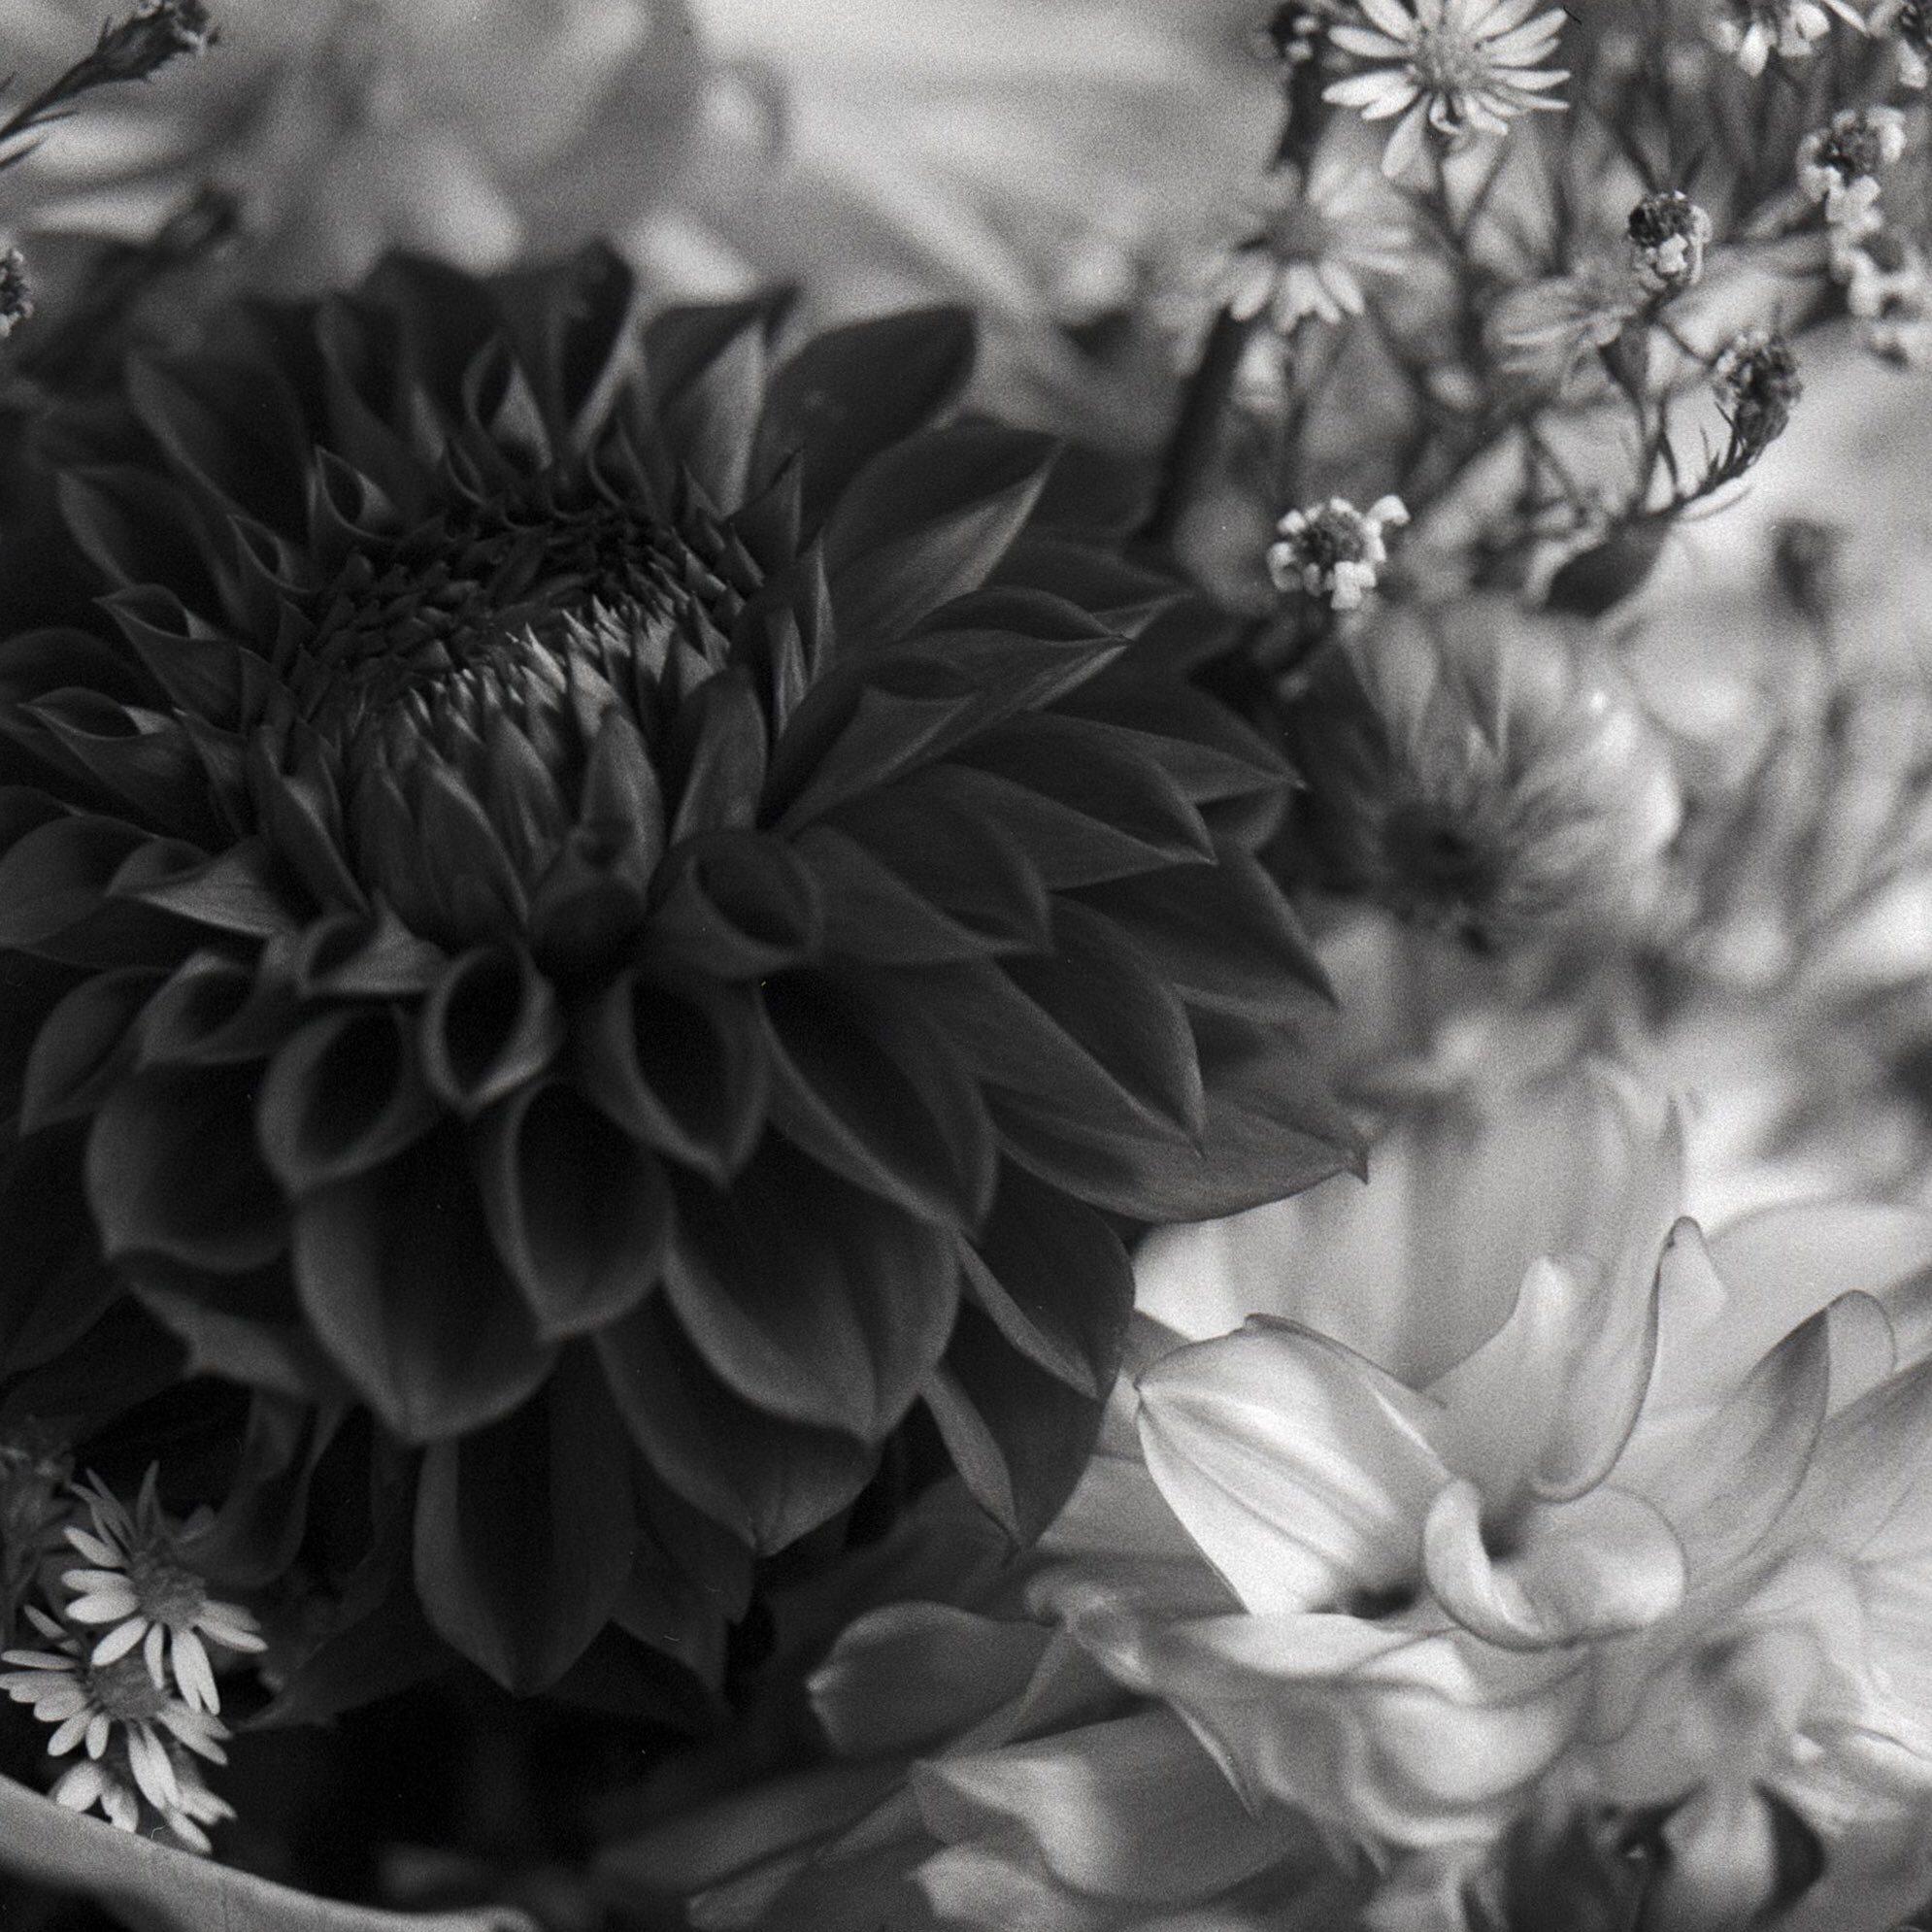 @DrMarsRover Autumn bouquet @ILFORDPhoto Delta 3200 #ilfordphoto #fridayfavourites #shallowdof